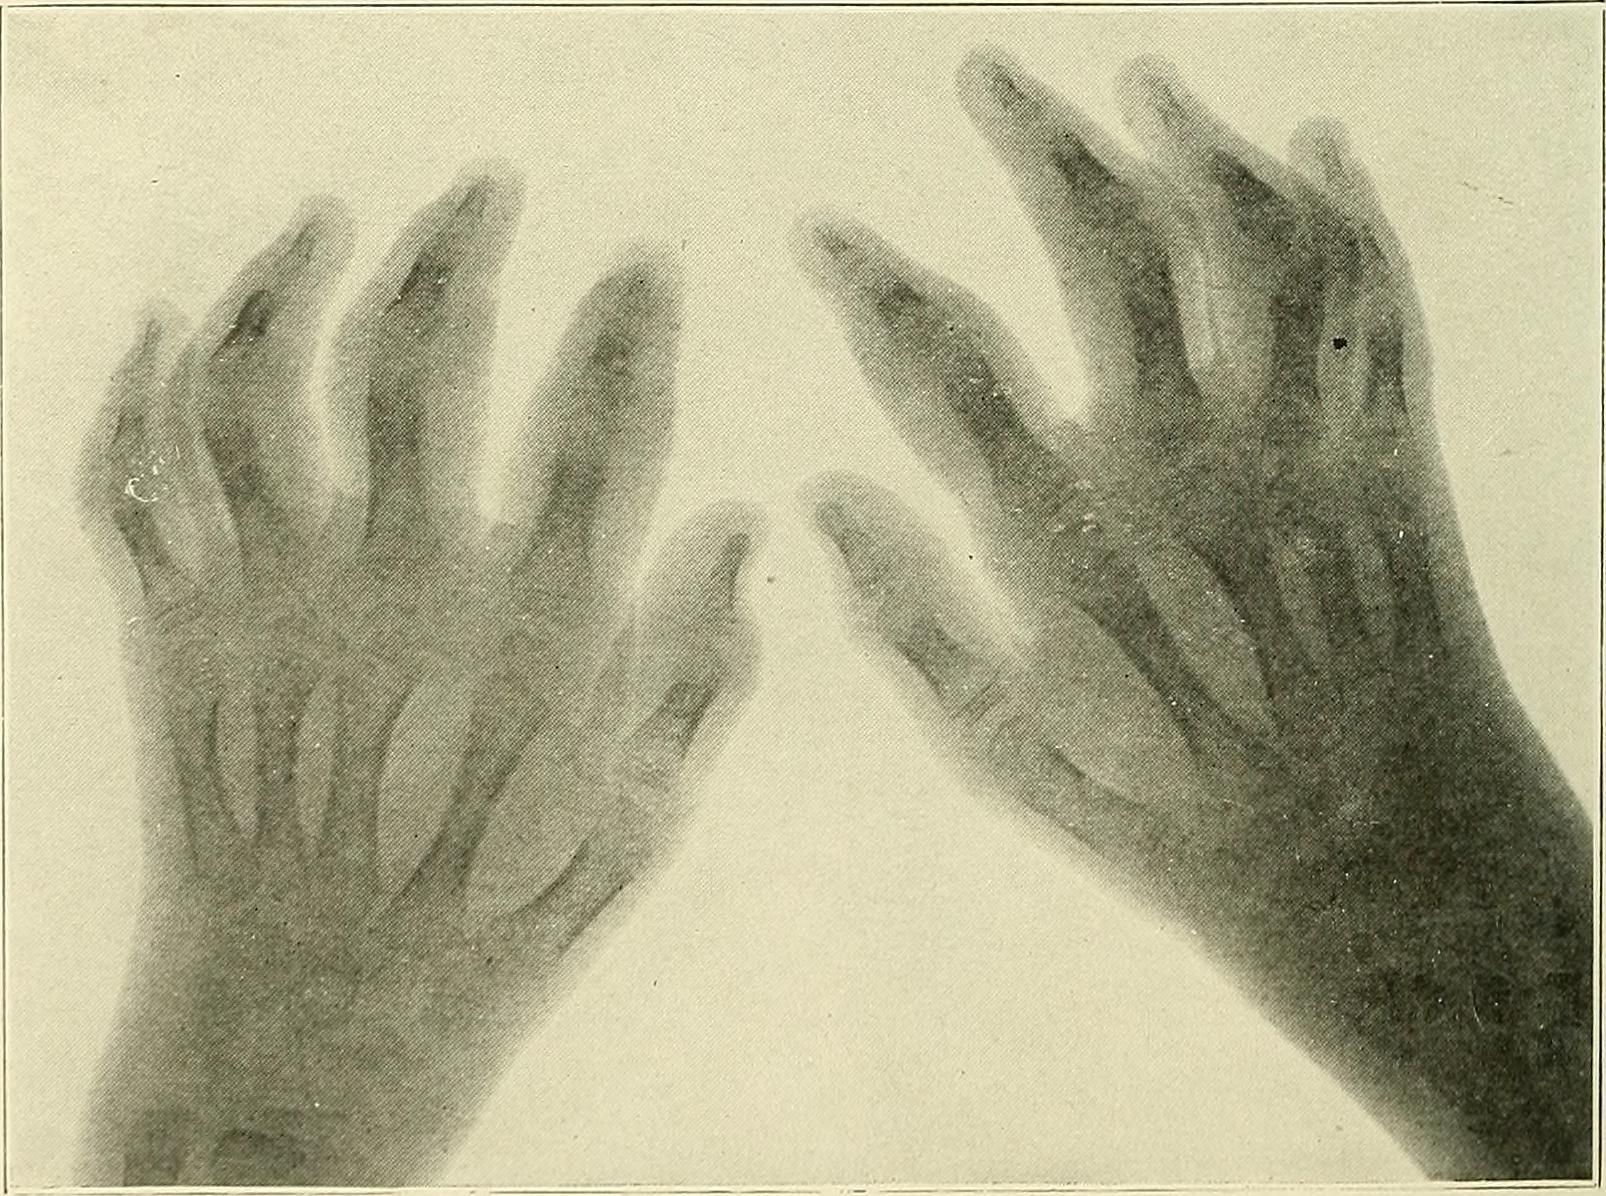 artritis infecciosa emedicina diabetes